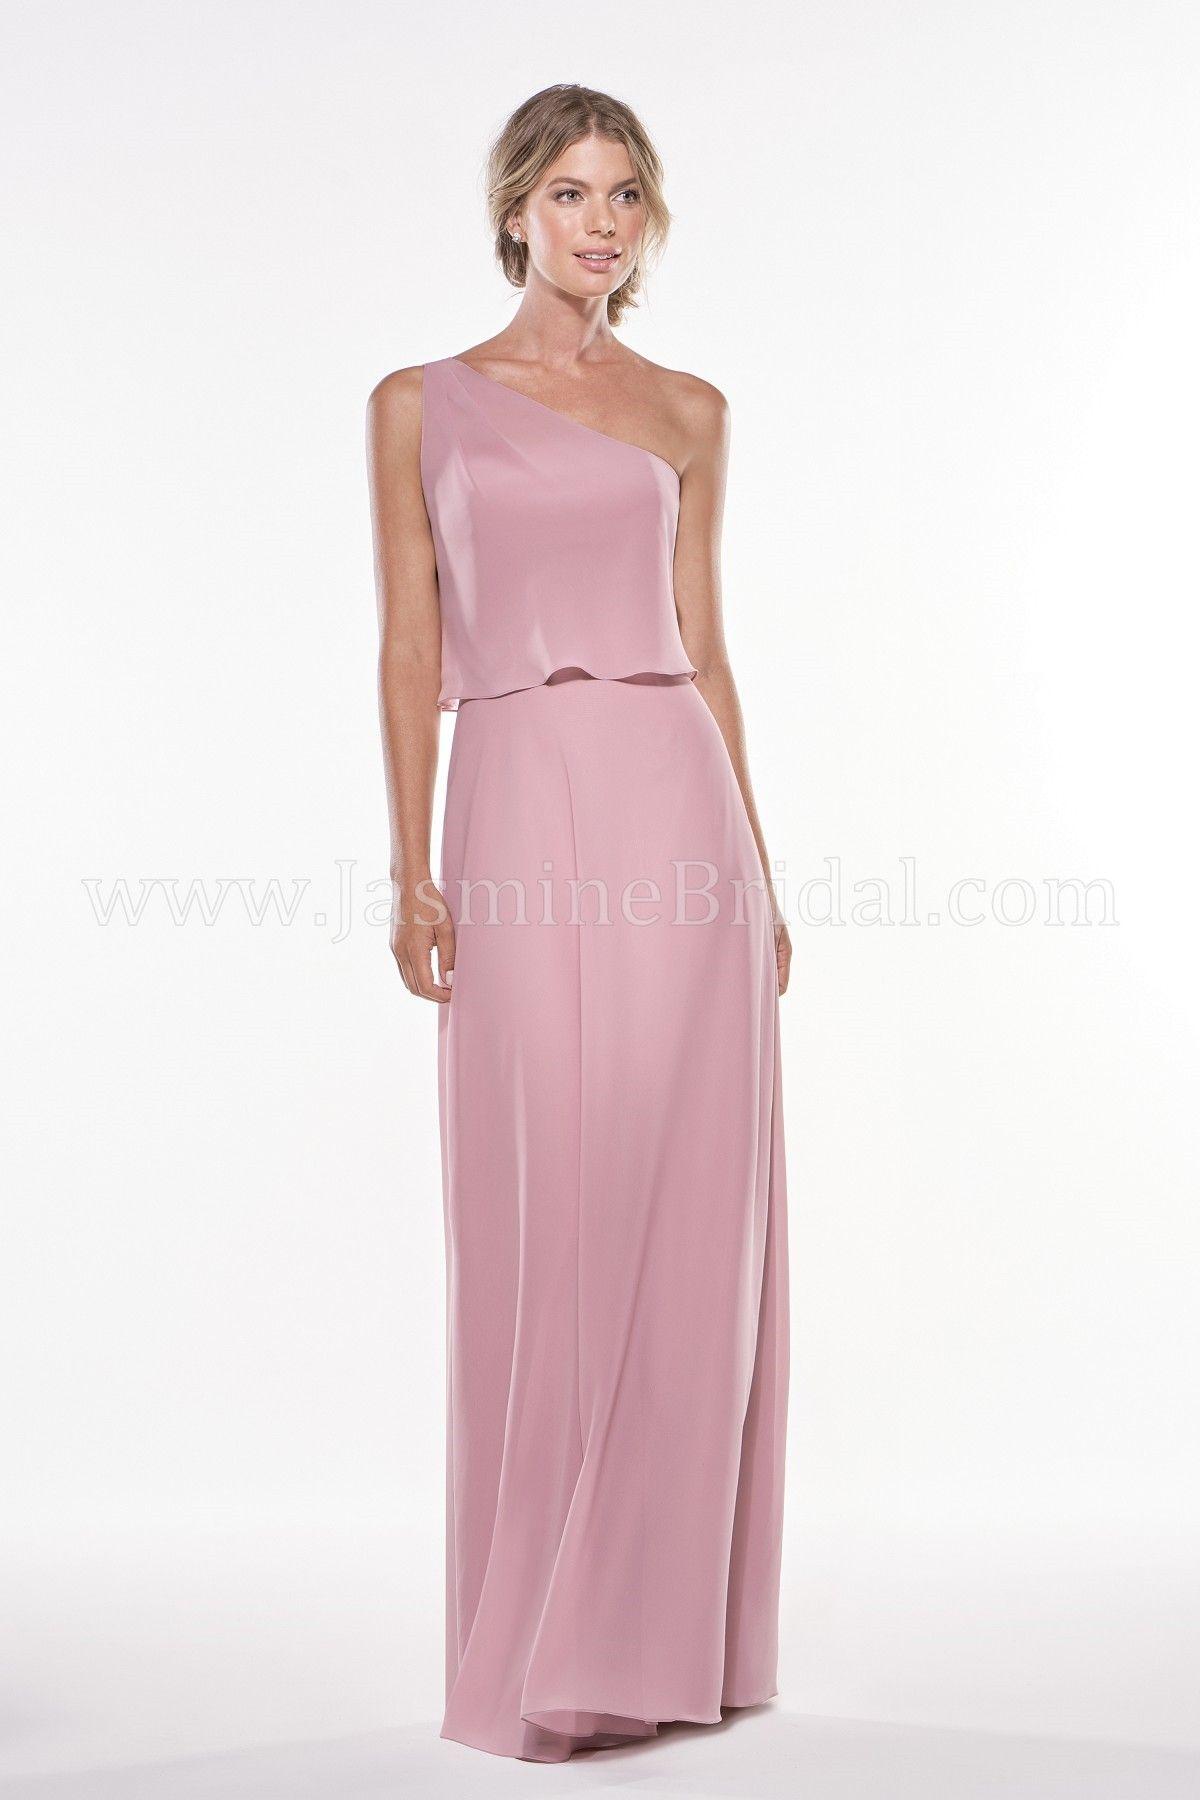 Jasmine Bridal | Jasmine Bridesmaids Style P196002 in Gardenia ...